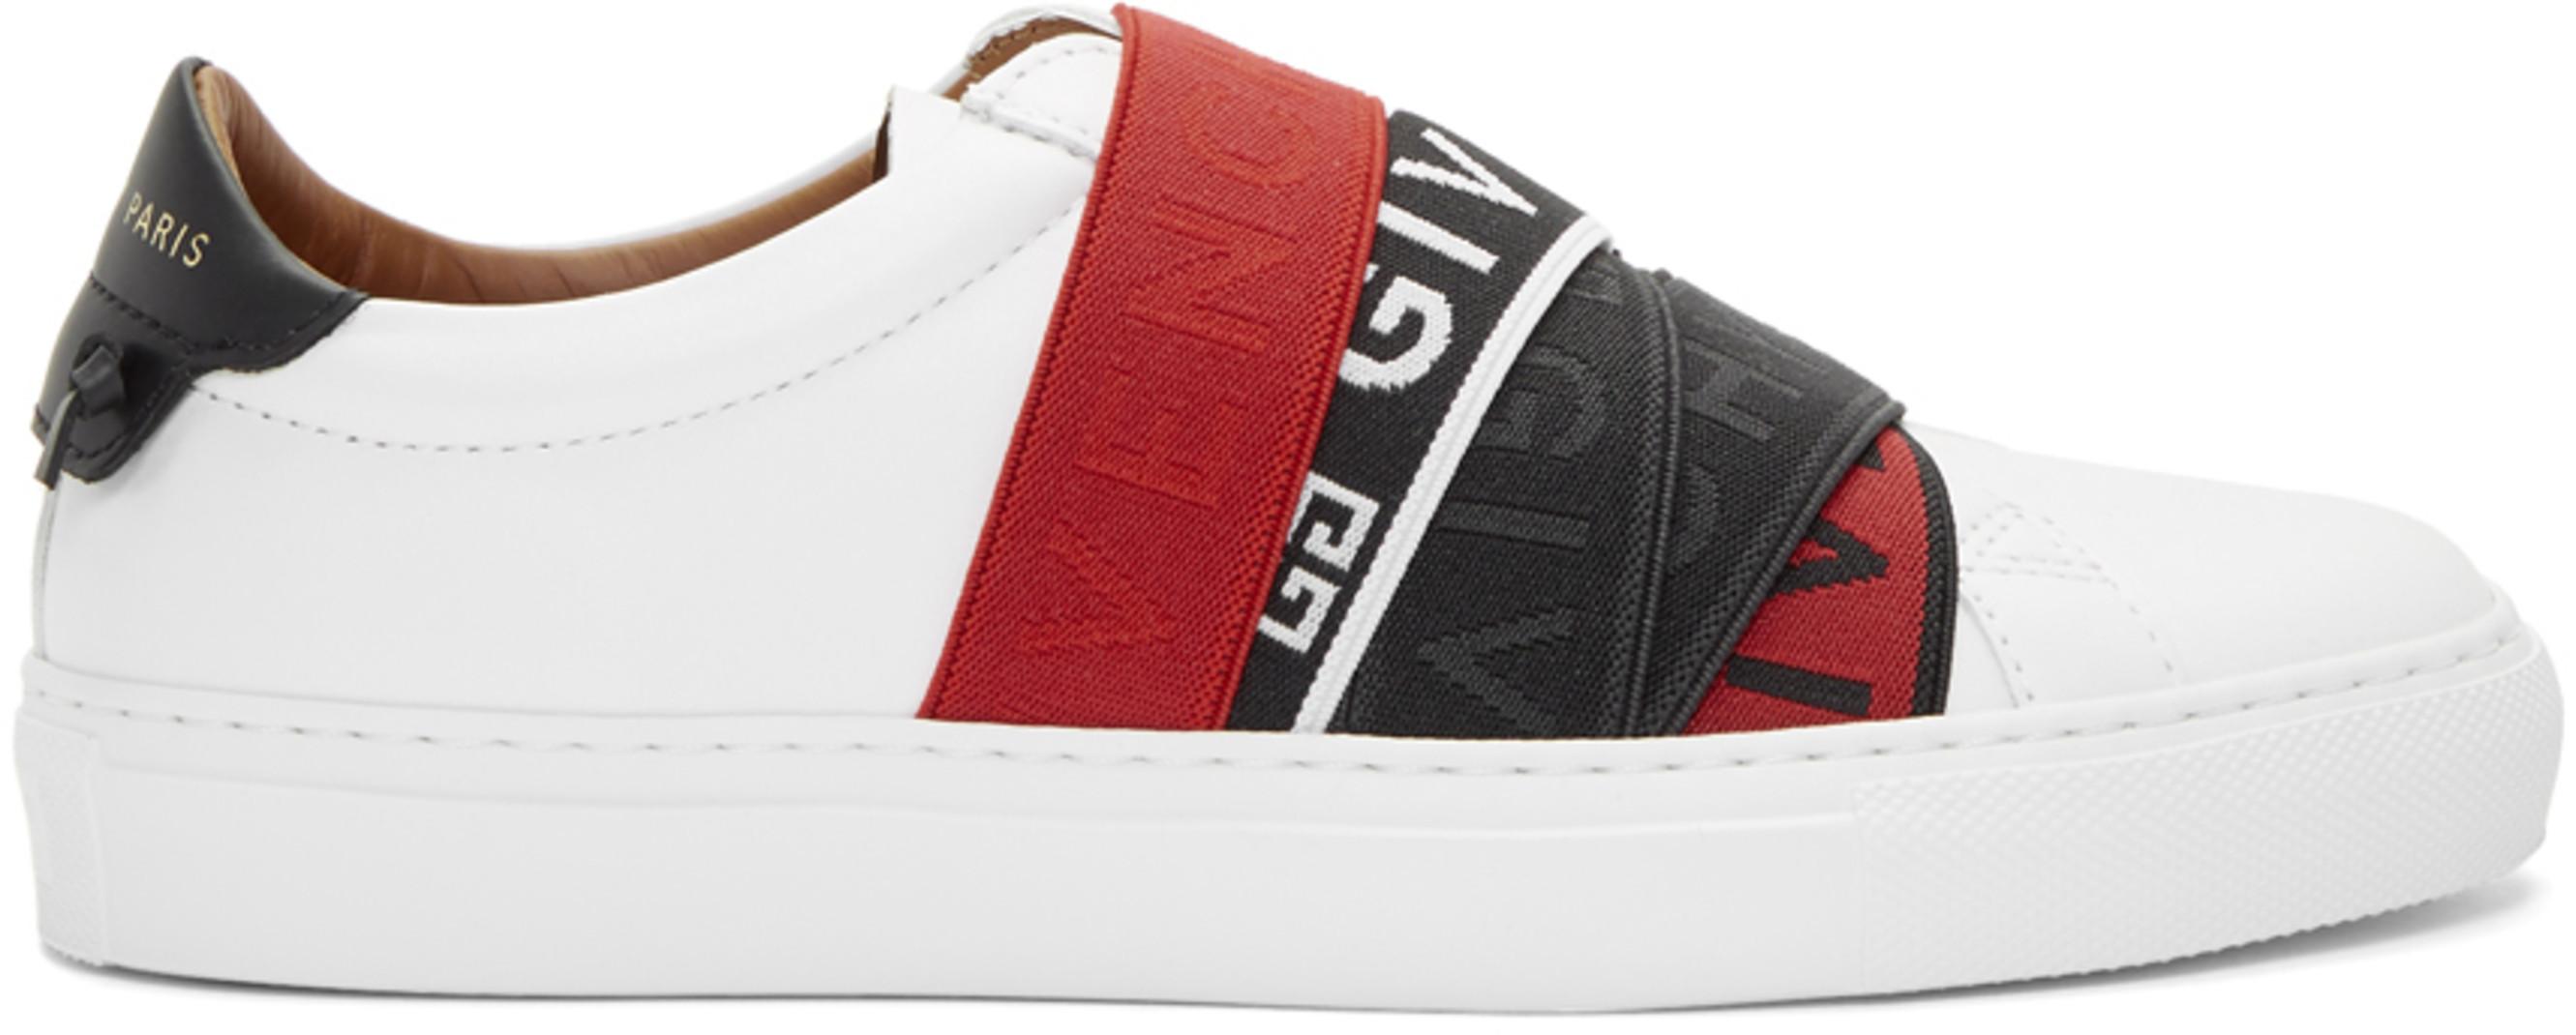 c69f676c4ac5 Designer sneakers for Women | SSENSE